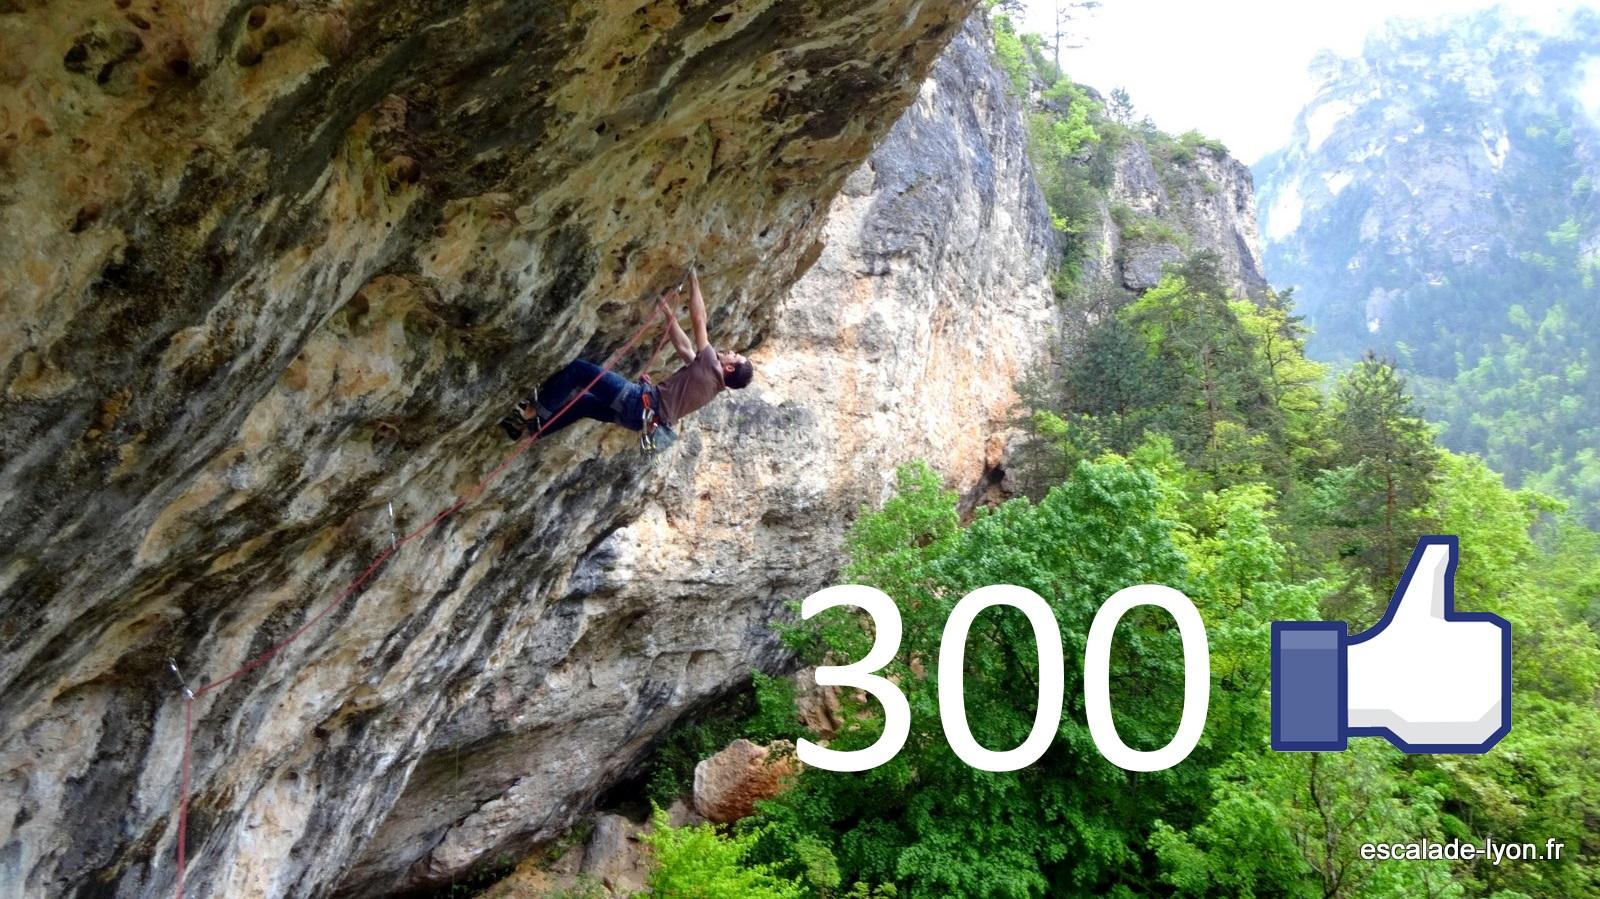 300-likes-escalade-lyon